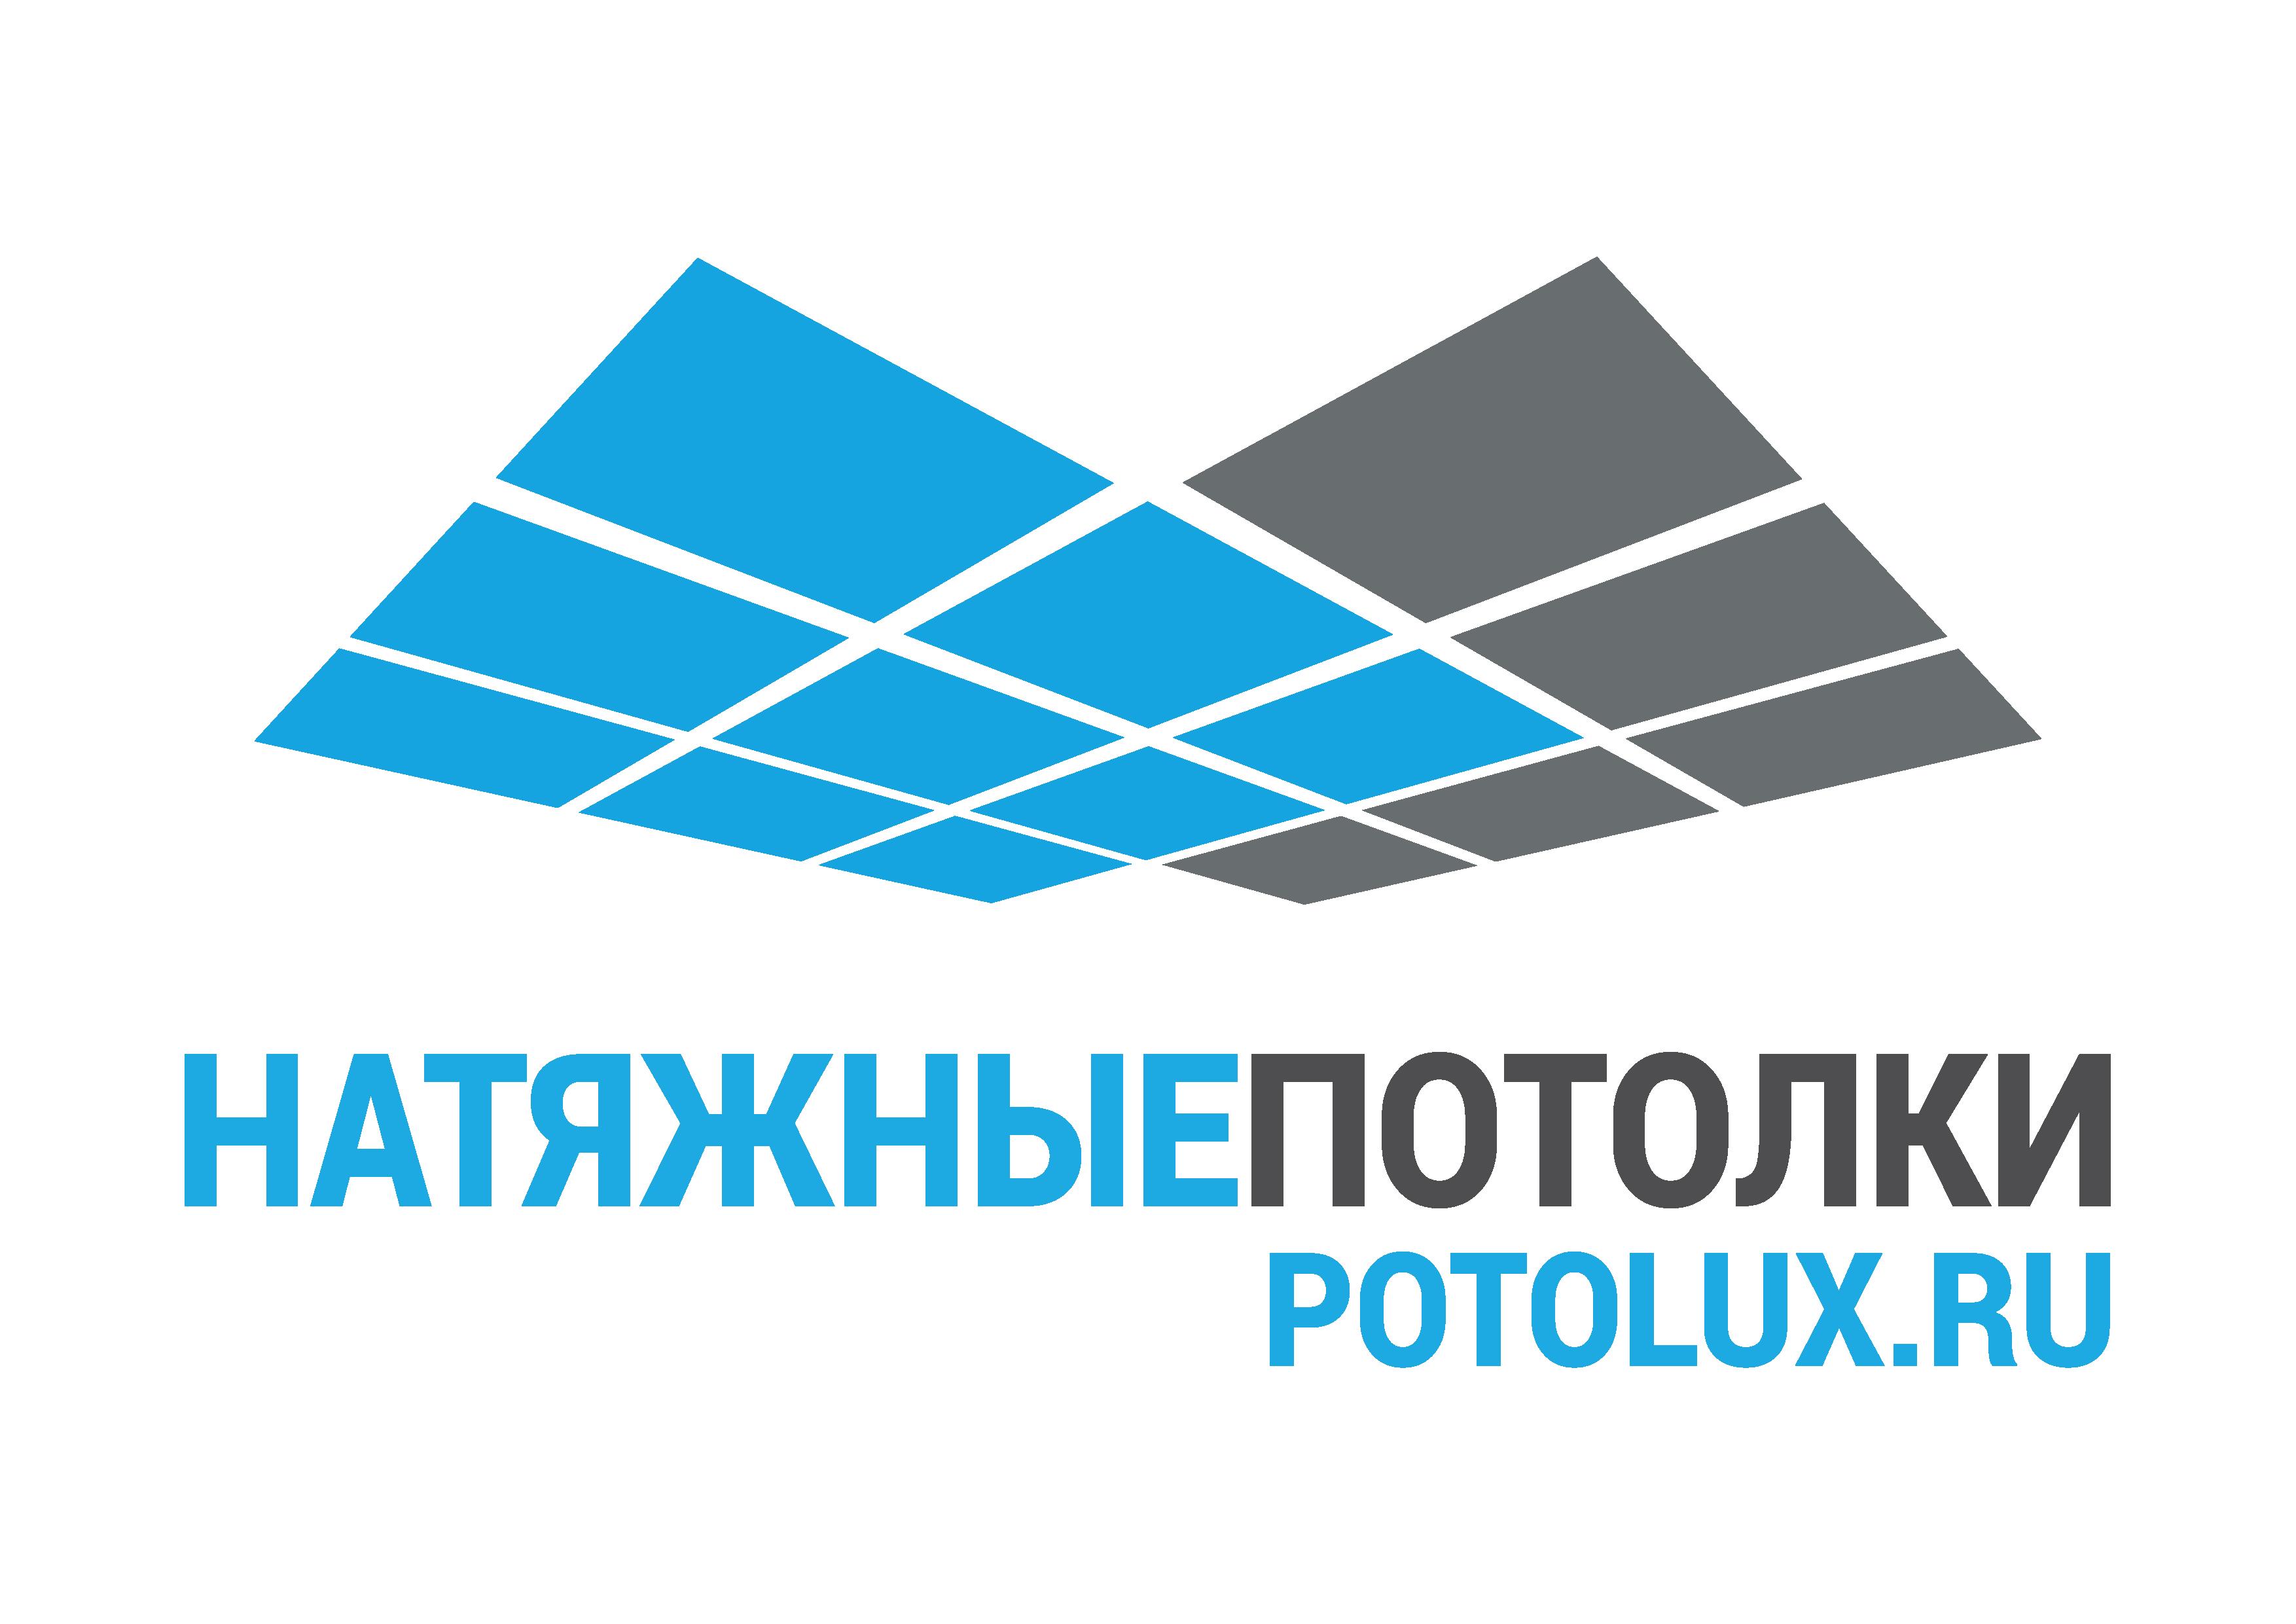 Potolux